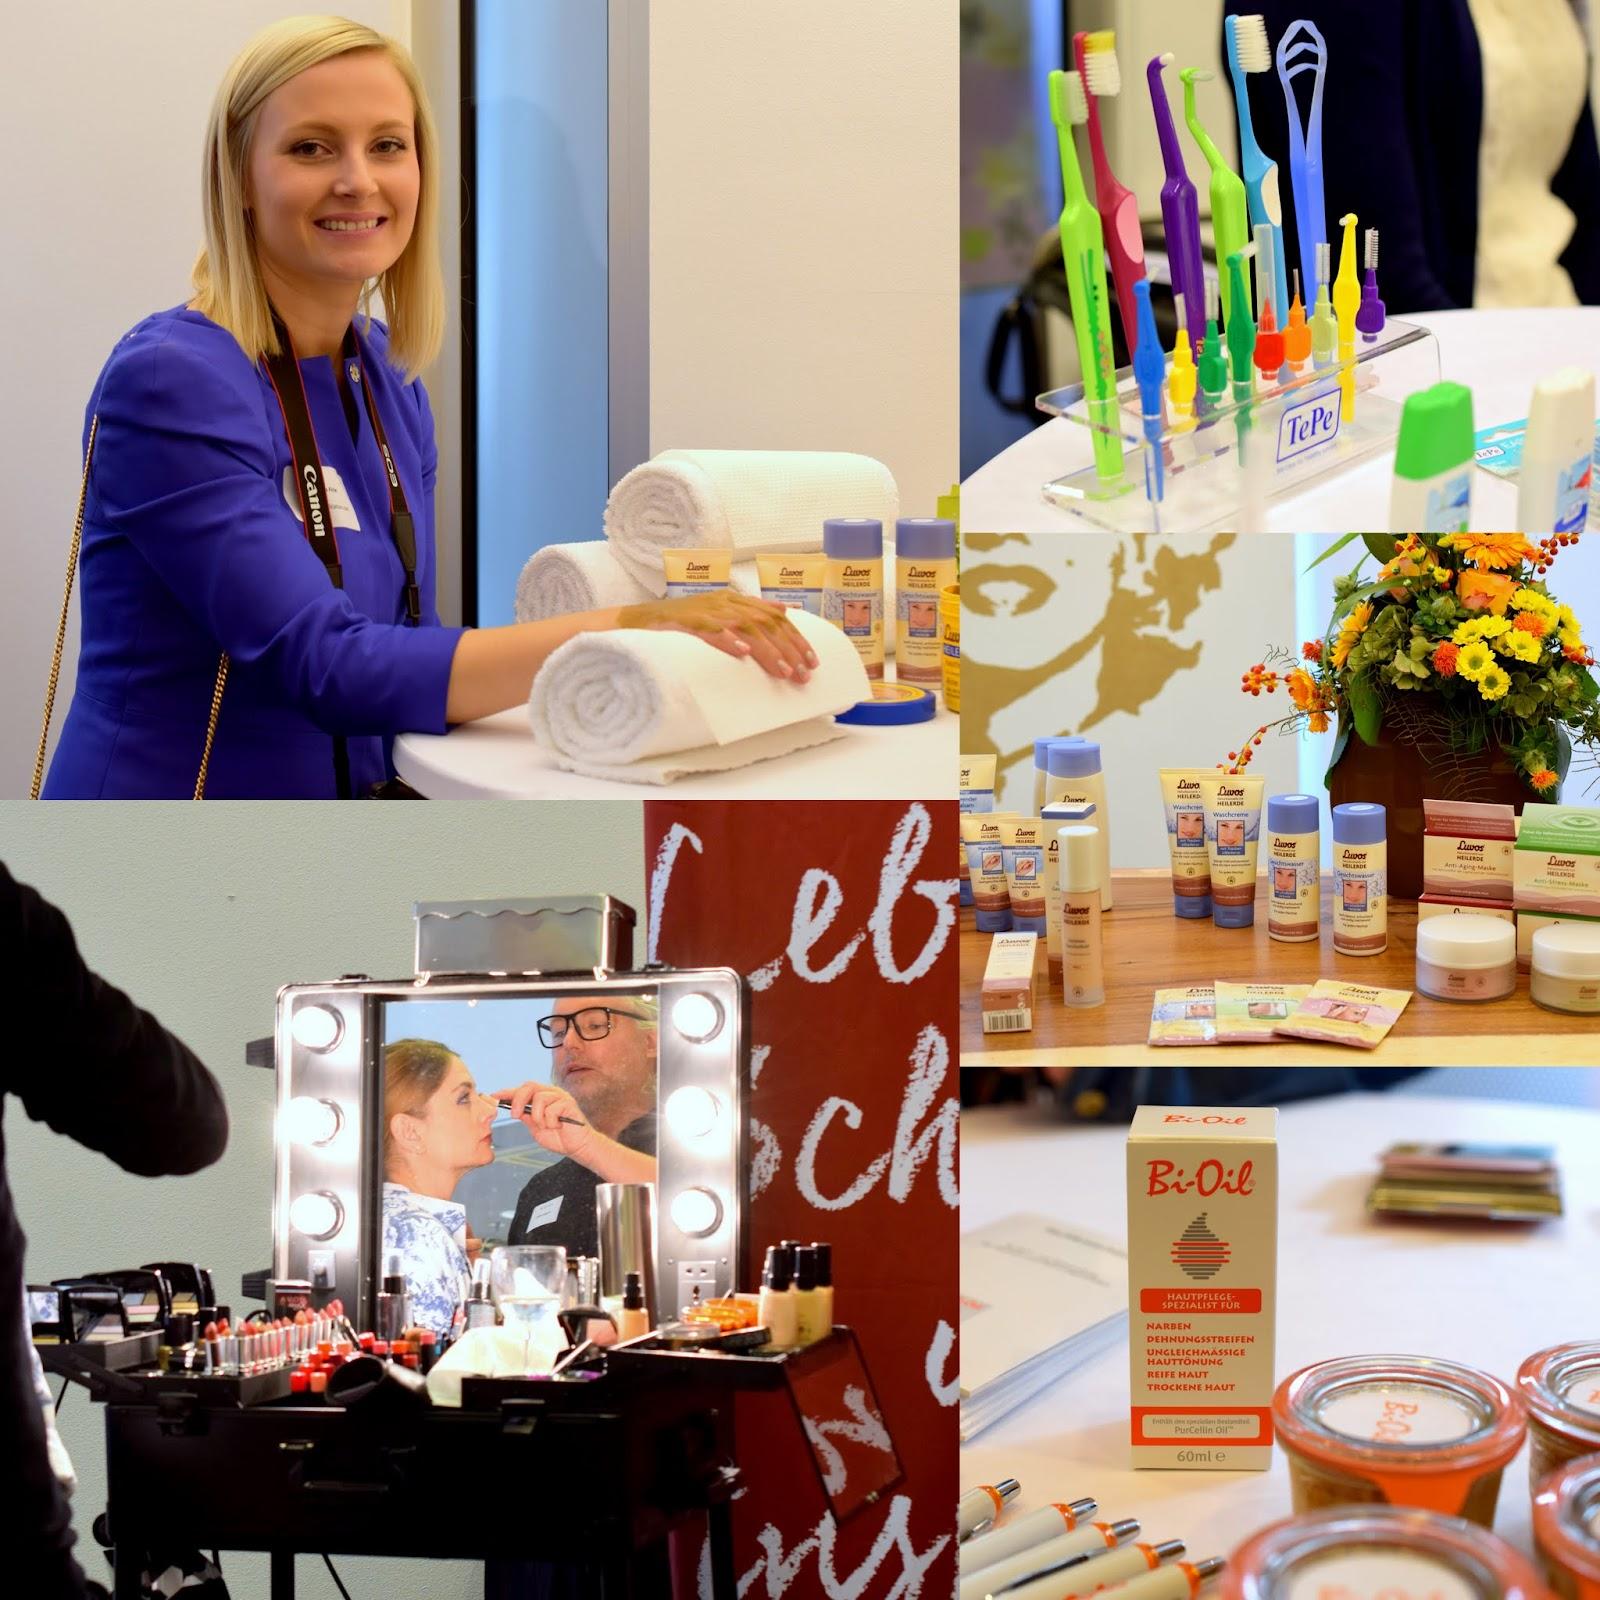 Beautypress Oktober 2015 Frankfurt Luvos Avon und Bi Oil